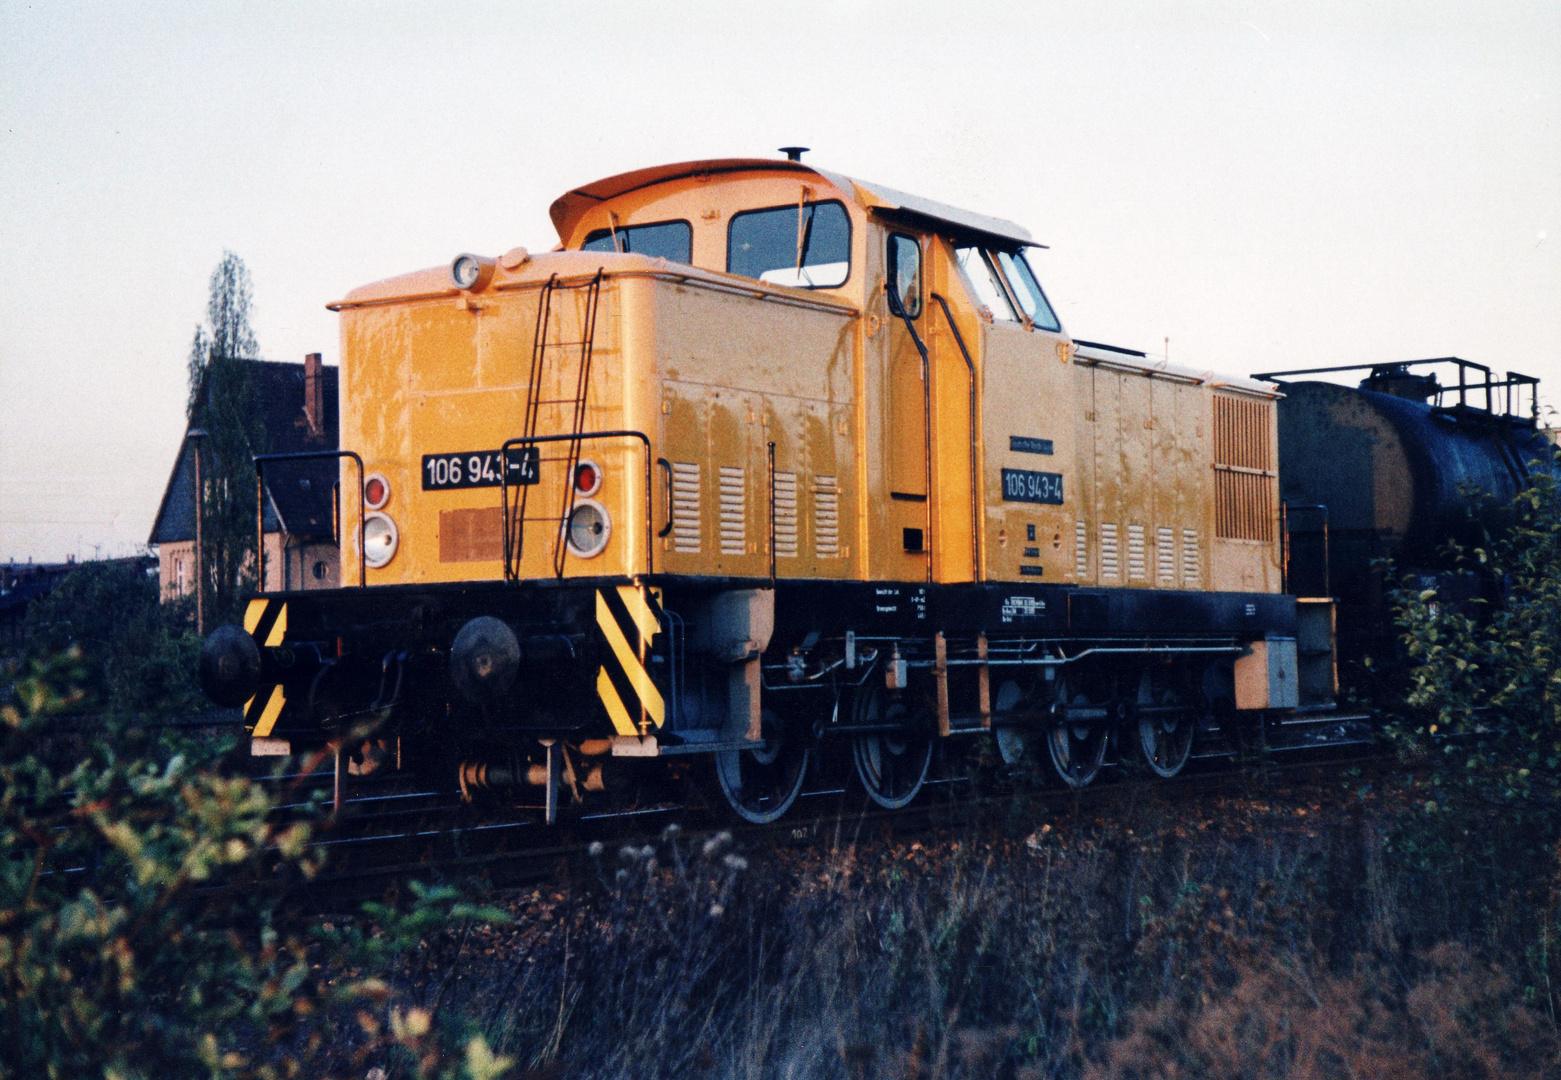 106 943-4 rangiert 1989 in Nordhausen !